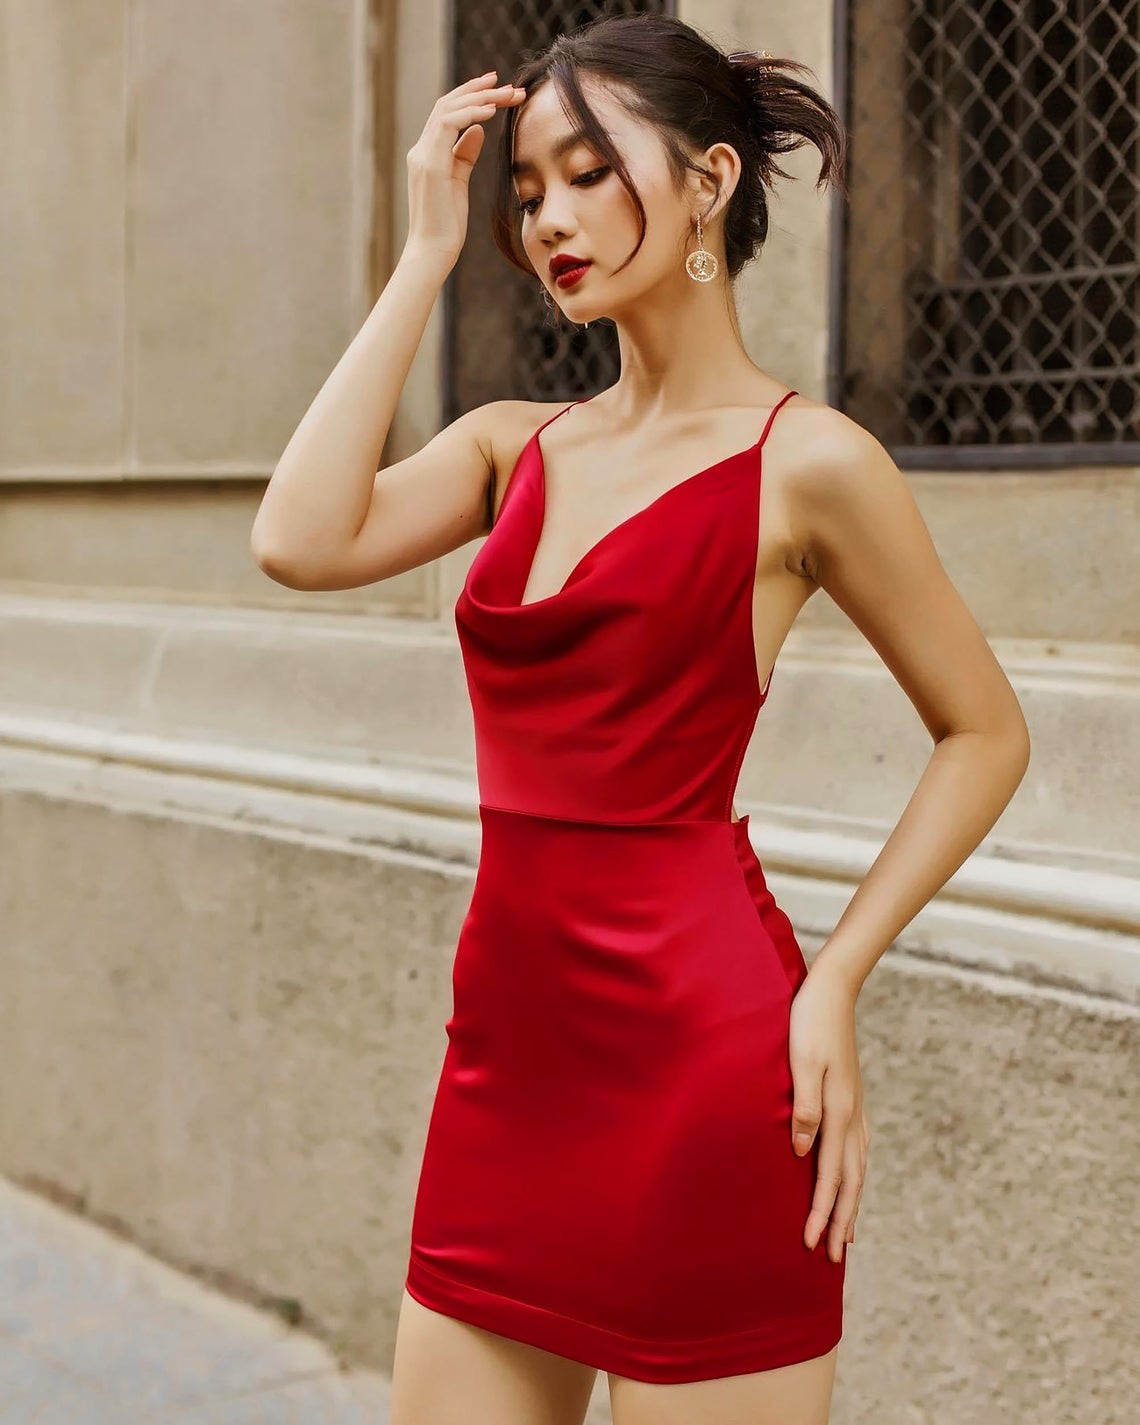 Silk Cowl Neck Party Dress - Silk Dress Women - Open back dress - Dress for party - Silk Slip Dress - Laberasilk - Mother Day Gift